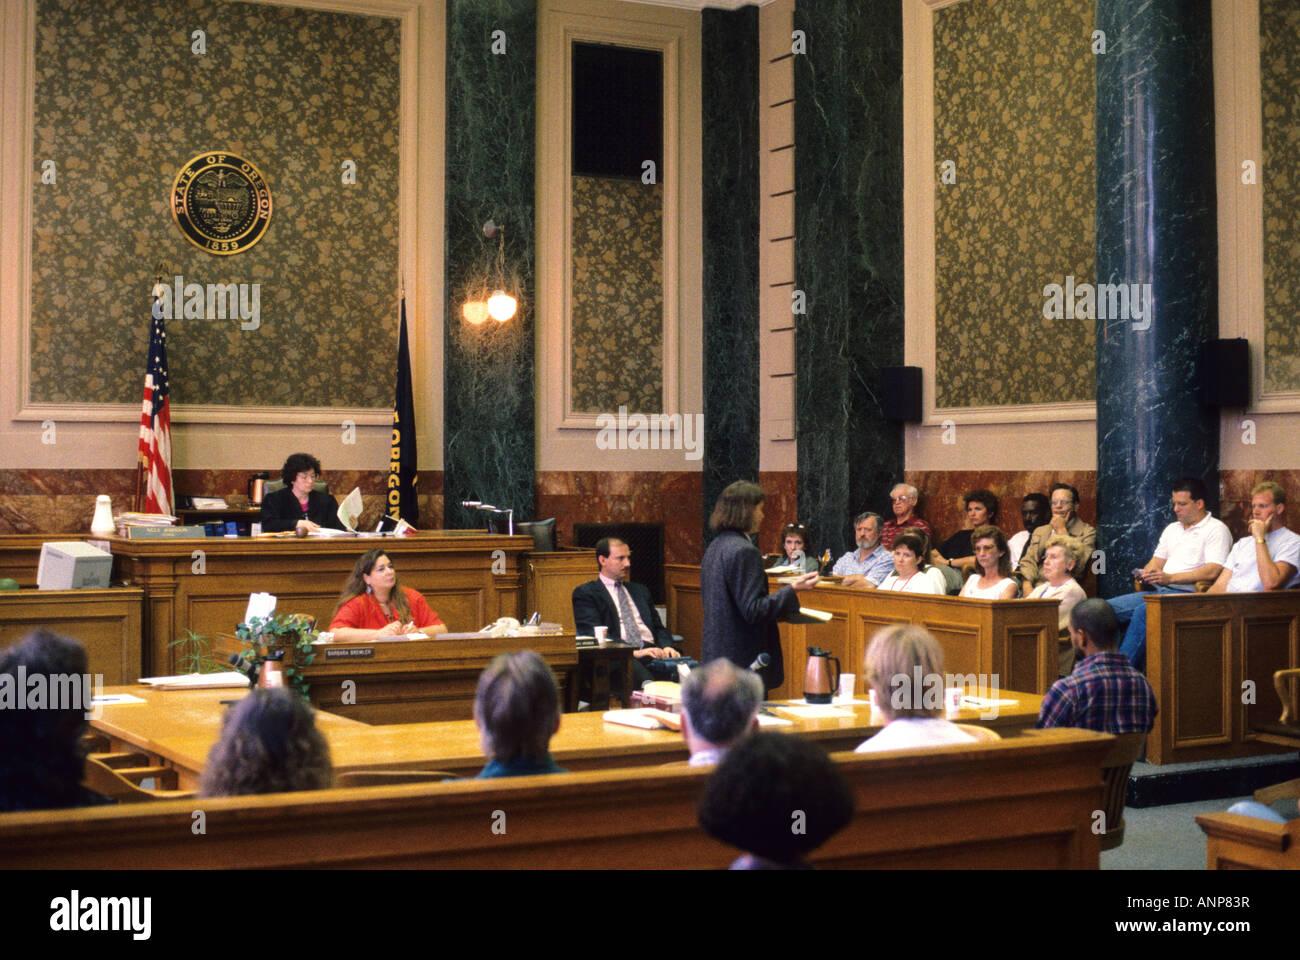 Jurado sentado en una sala de audiencias en Portland, Oregón Foto de stock